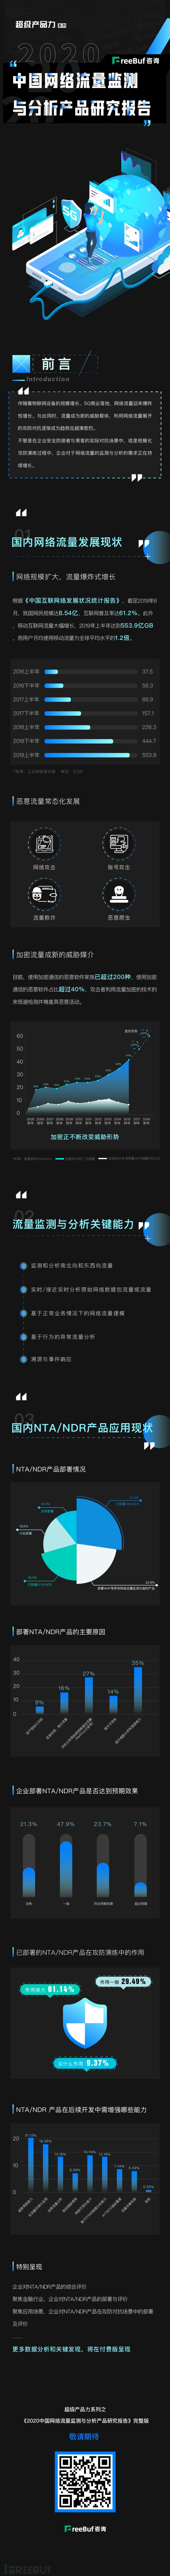 预告 | 《2020中国网络流量监测与分析产品研究报告》即将发布